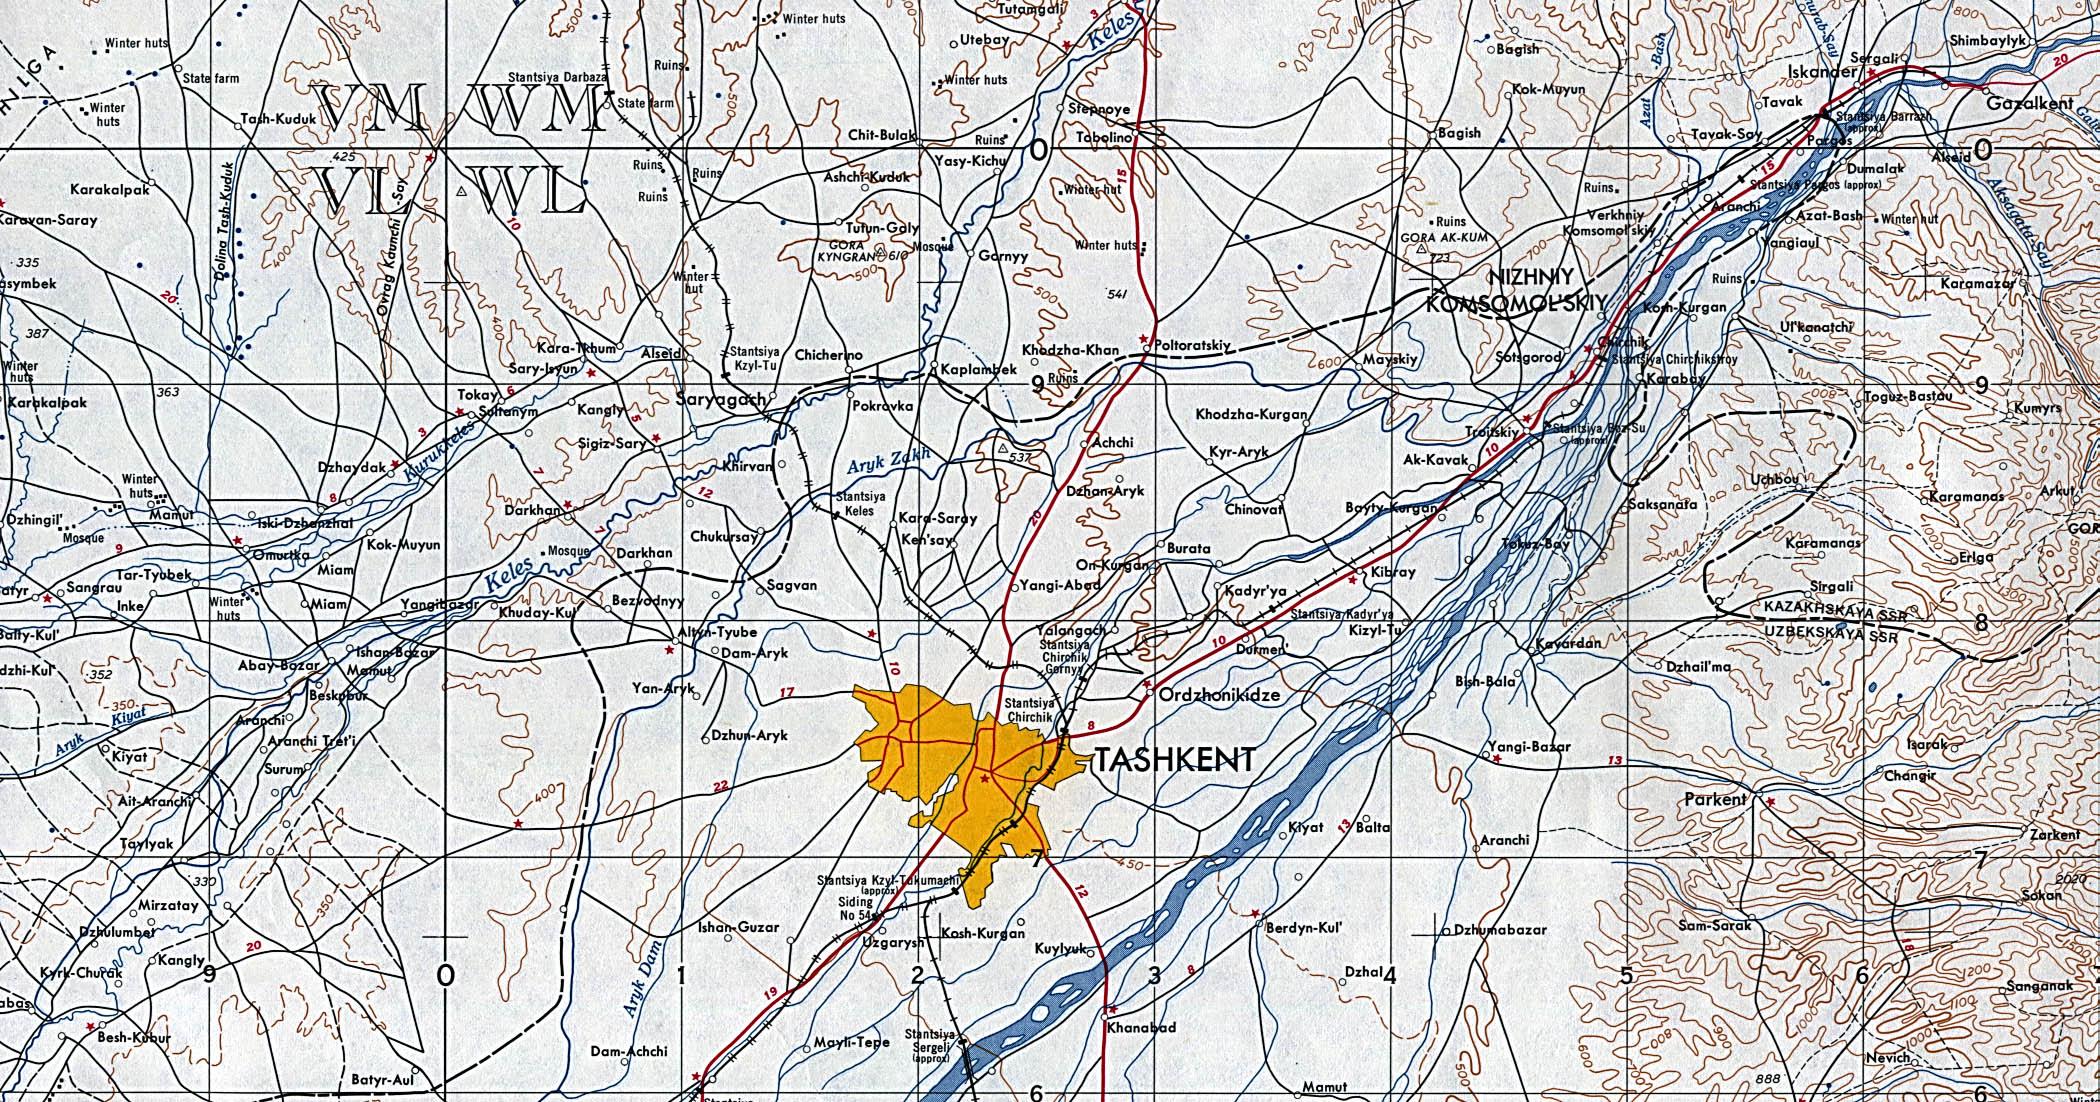 Tashkent Area Map Tashkent Uzbekistan mappery